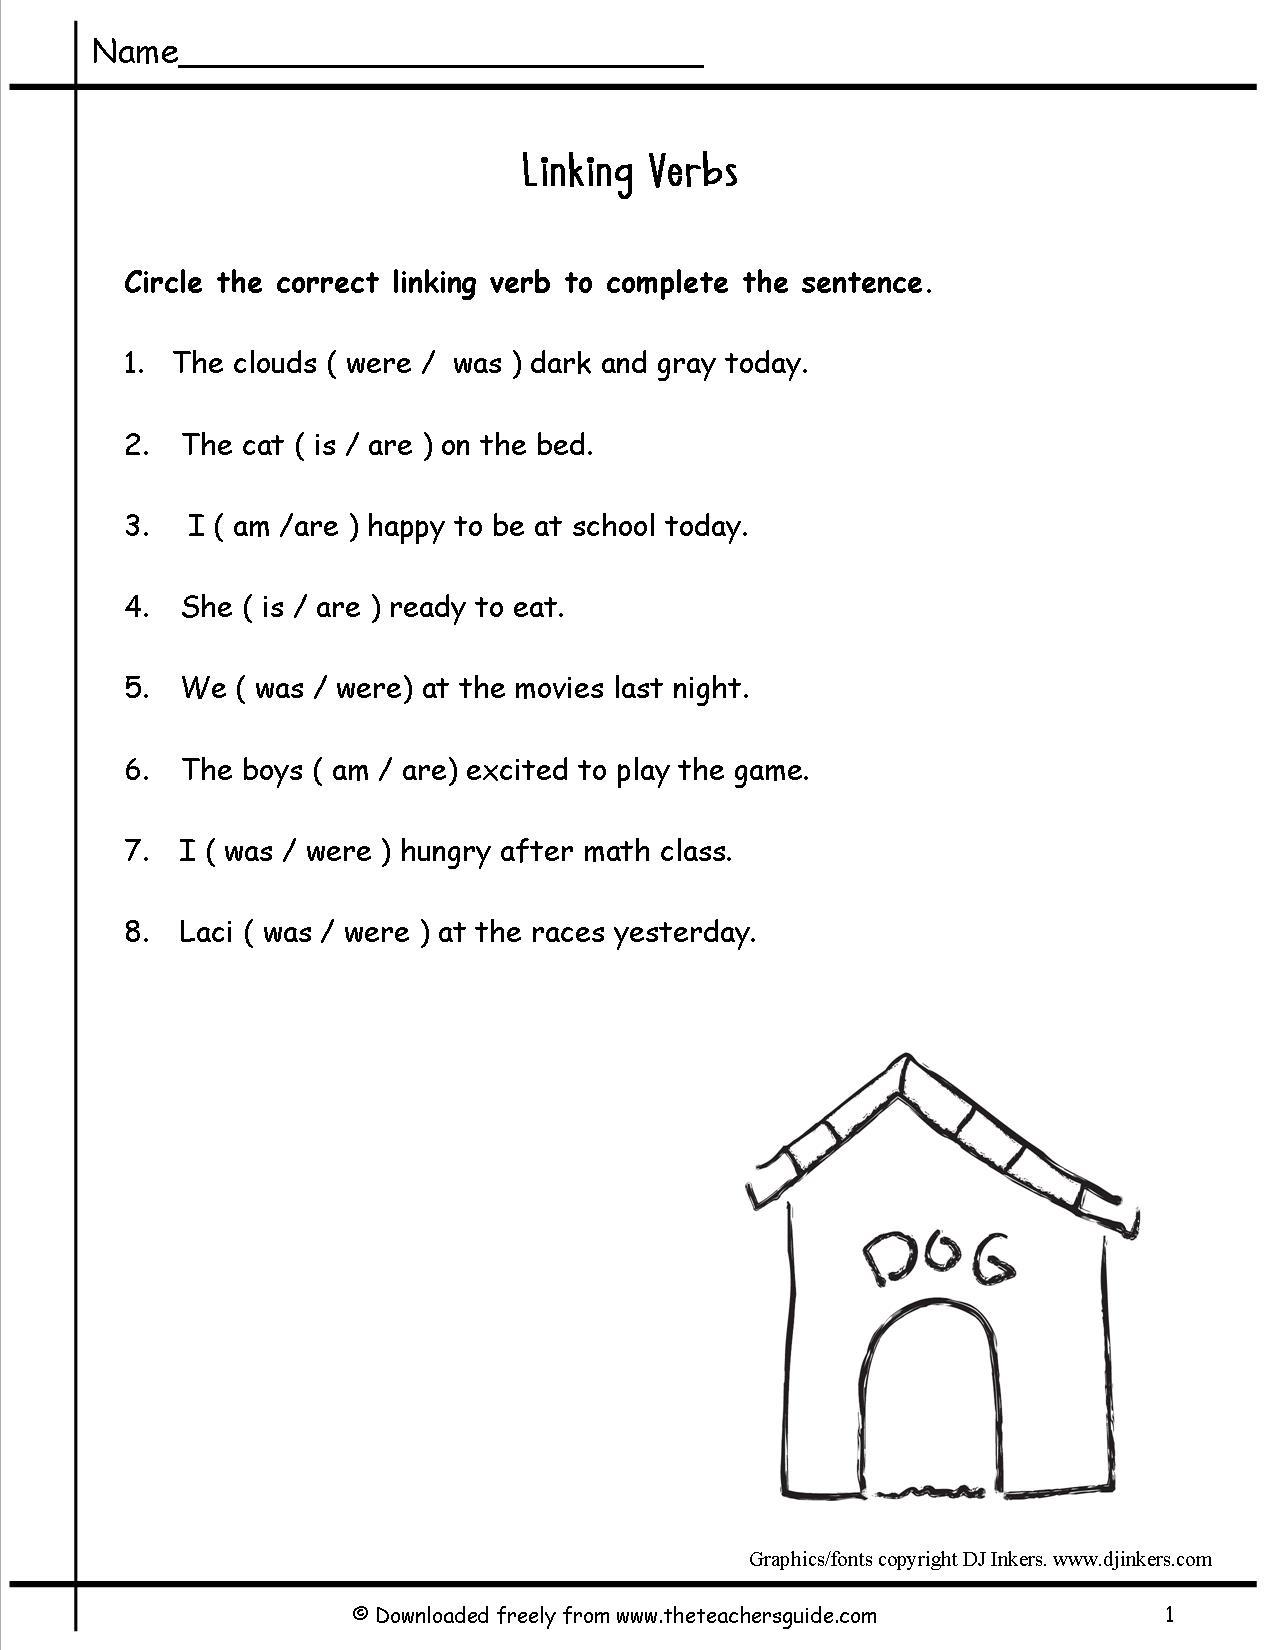 18 Best Images Of Verbs Worksheet For Grade 2